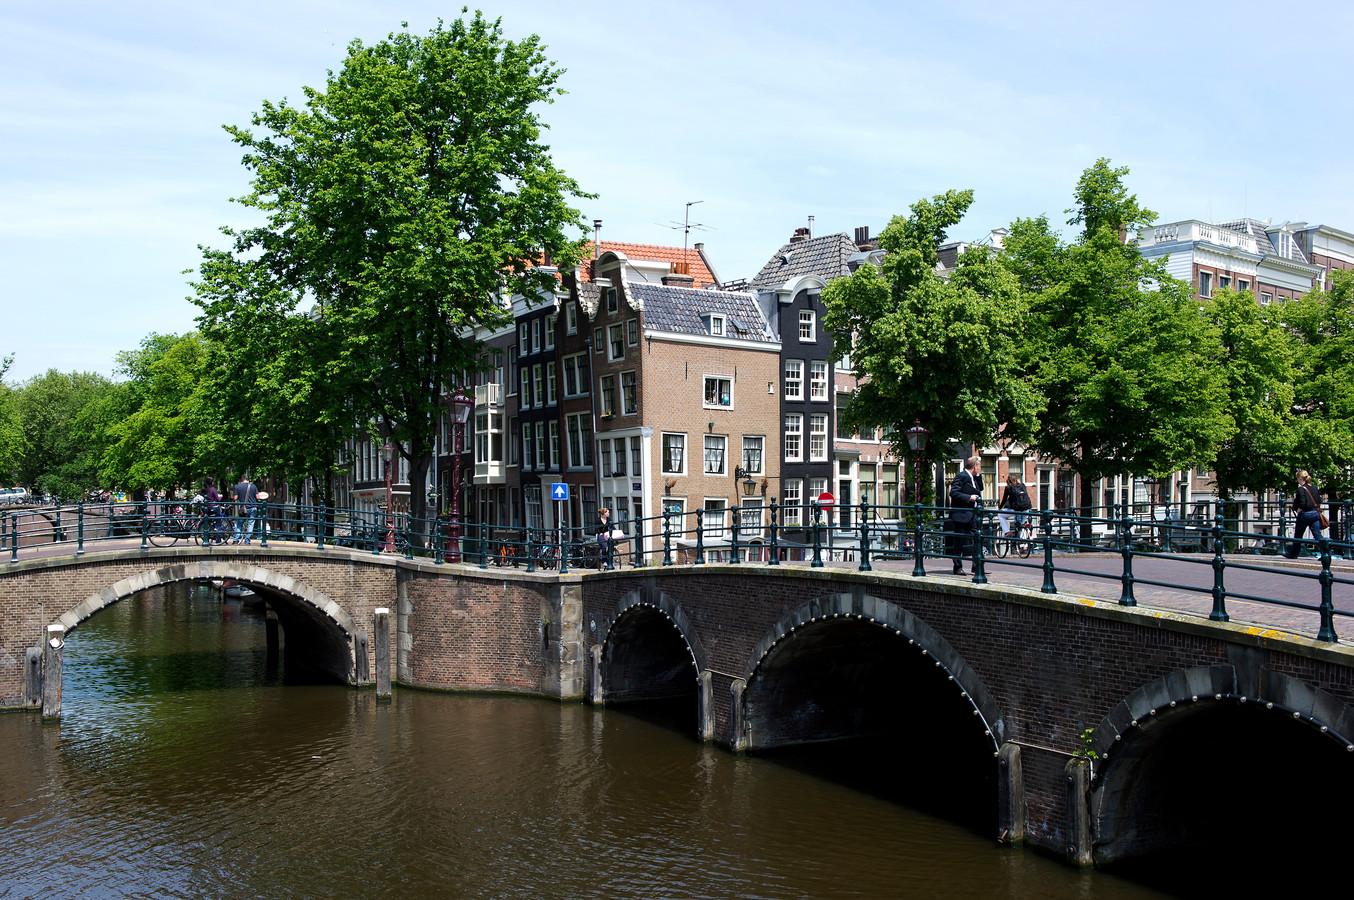 Grachtenpanden worden in Amsterdam voor belachelijk hoge prijzen verkocht.